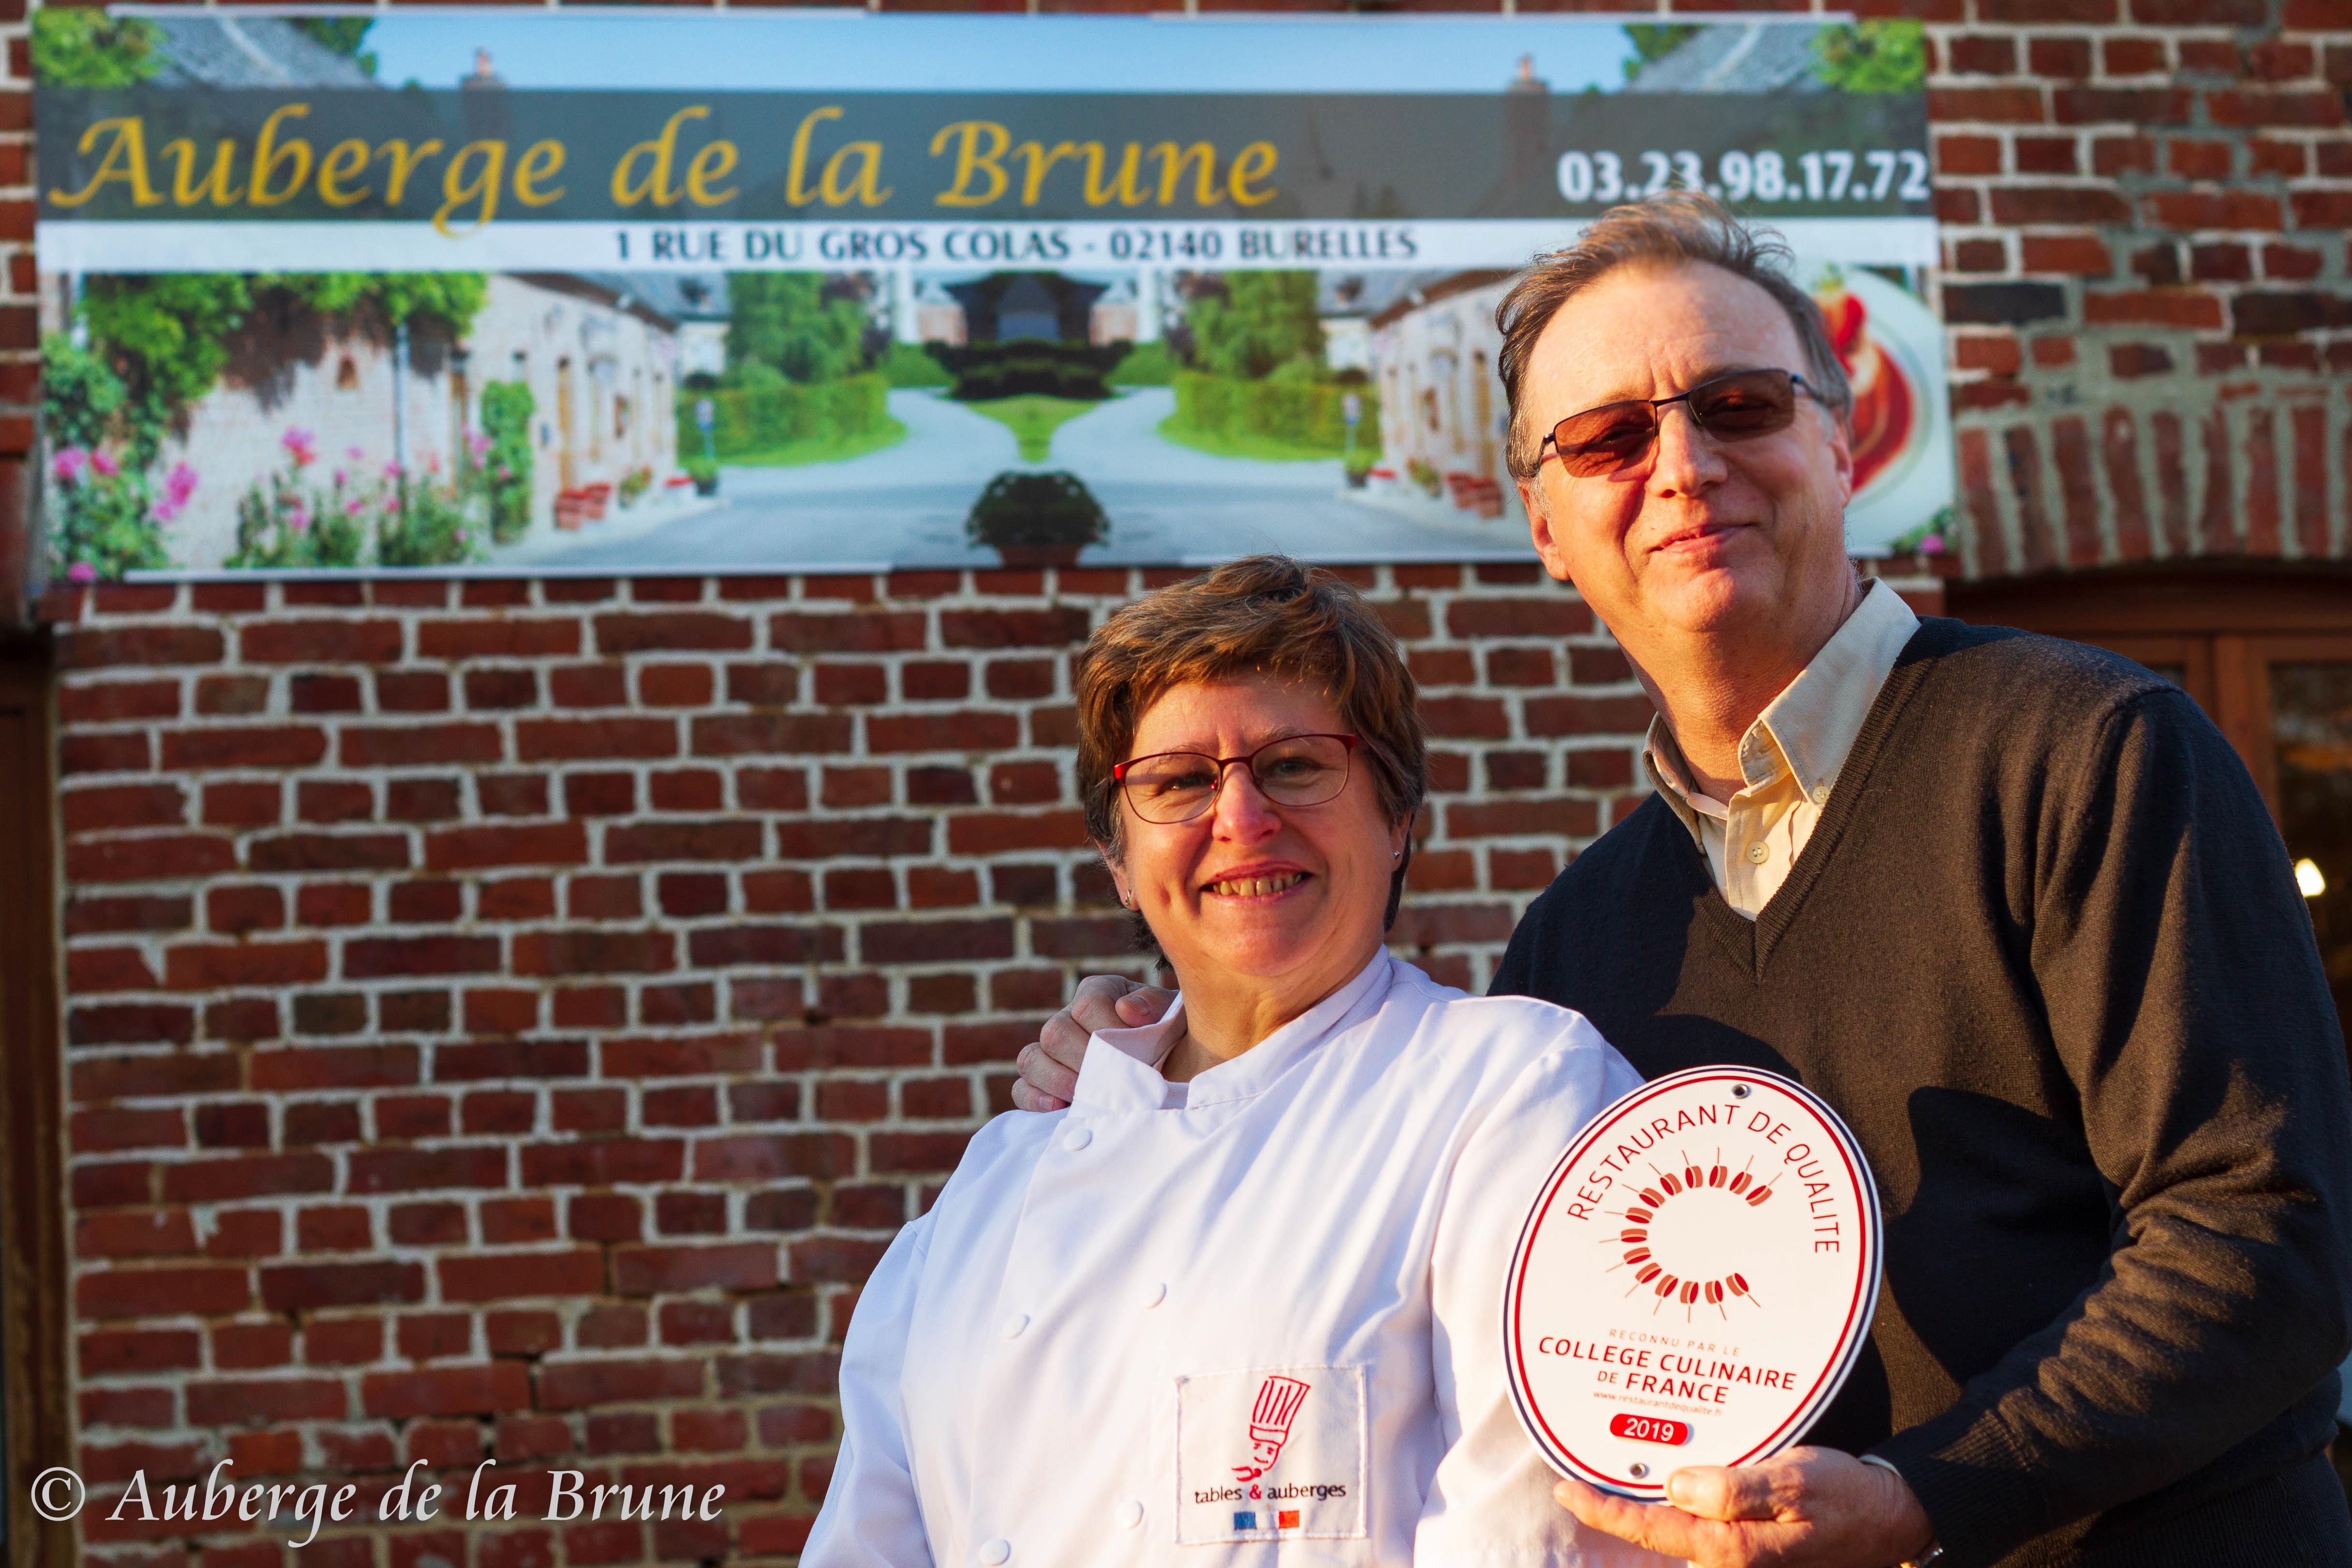 Adhérent AUBERGE DE LA BRUNE - photo #13496